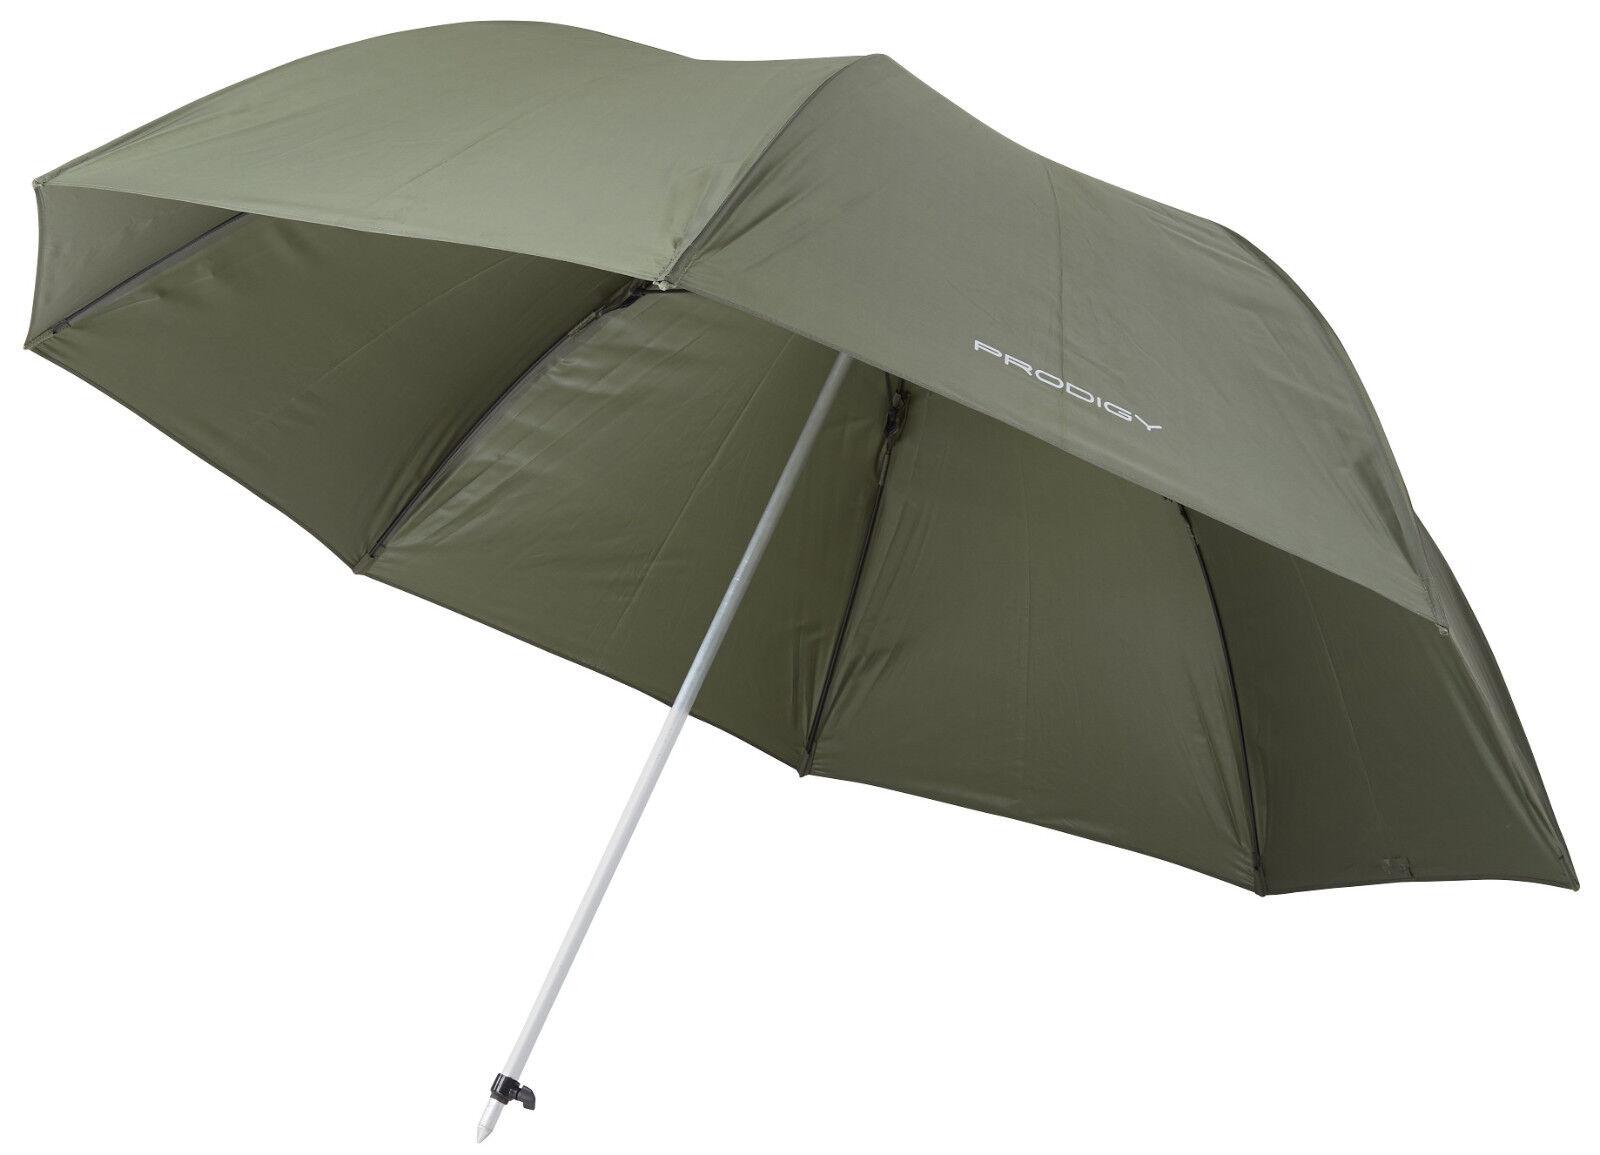 grigios Prodigy Umbrella 50 inch 1404560 Brolly Angel Ombrello Ombrellone Carpa OMBRELLO